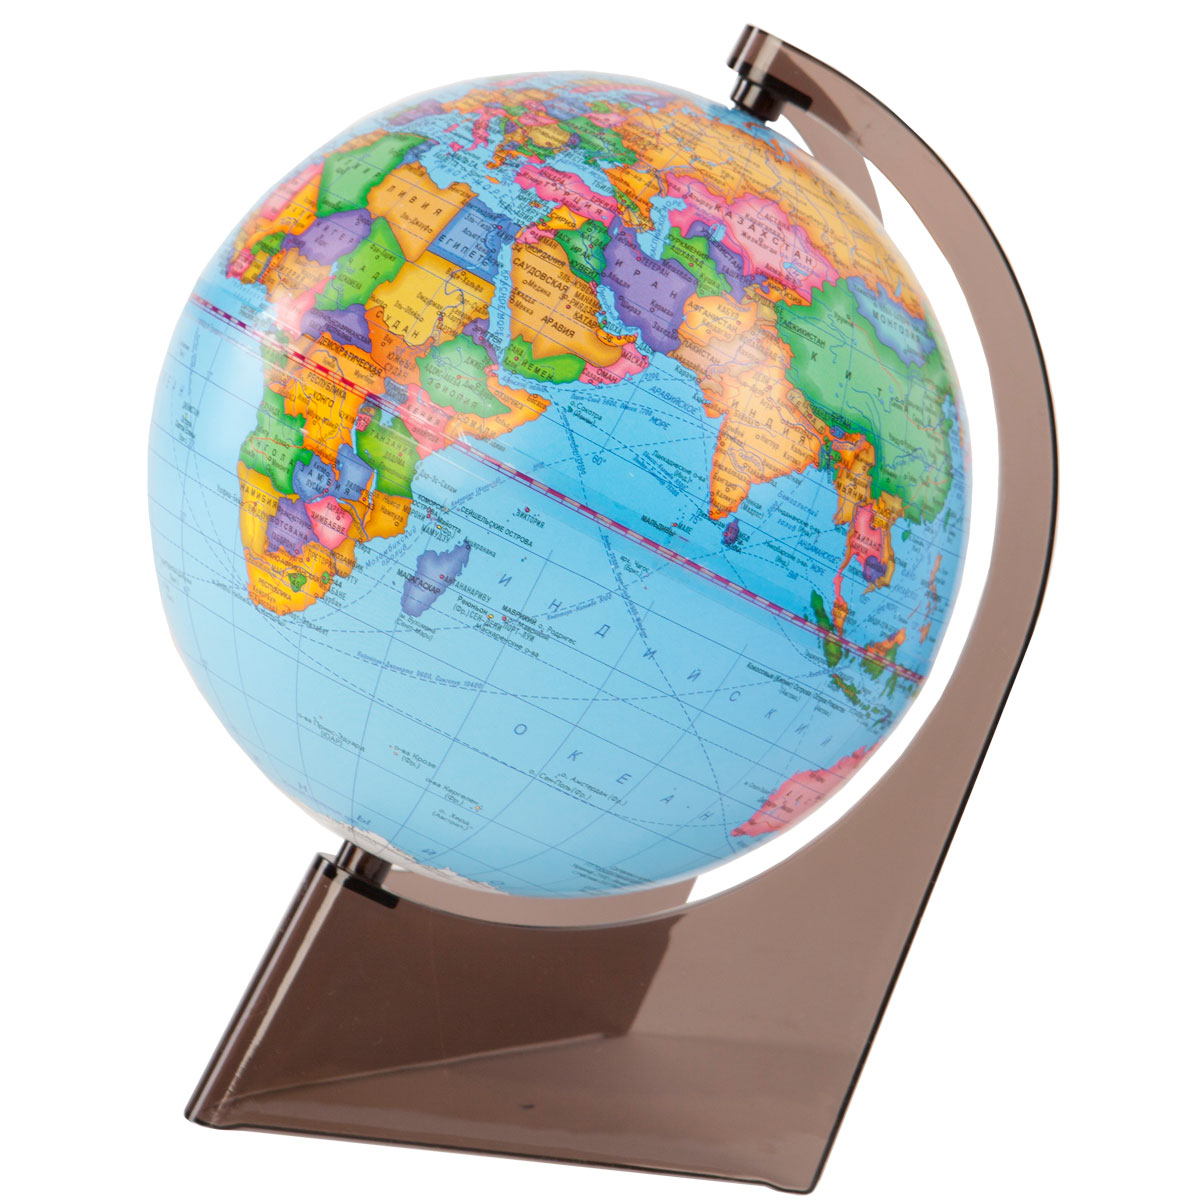 Глобусный мир Глобус политический на треугольной подставке диаметр 21 см10020Политический глобус на треугольной подставке. Диаметр: 210 мм. Масштаб: 1:60000000. Материал подставки: пластик. Цвет подставки: прозрачный.